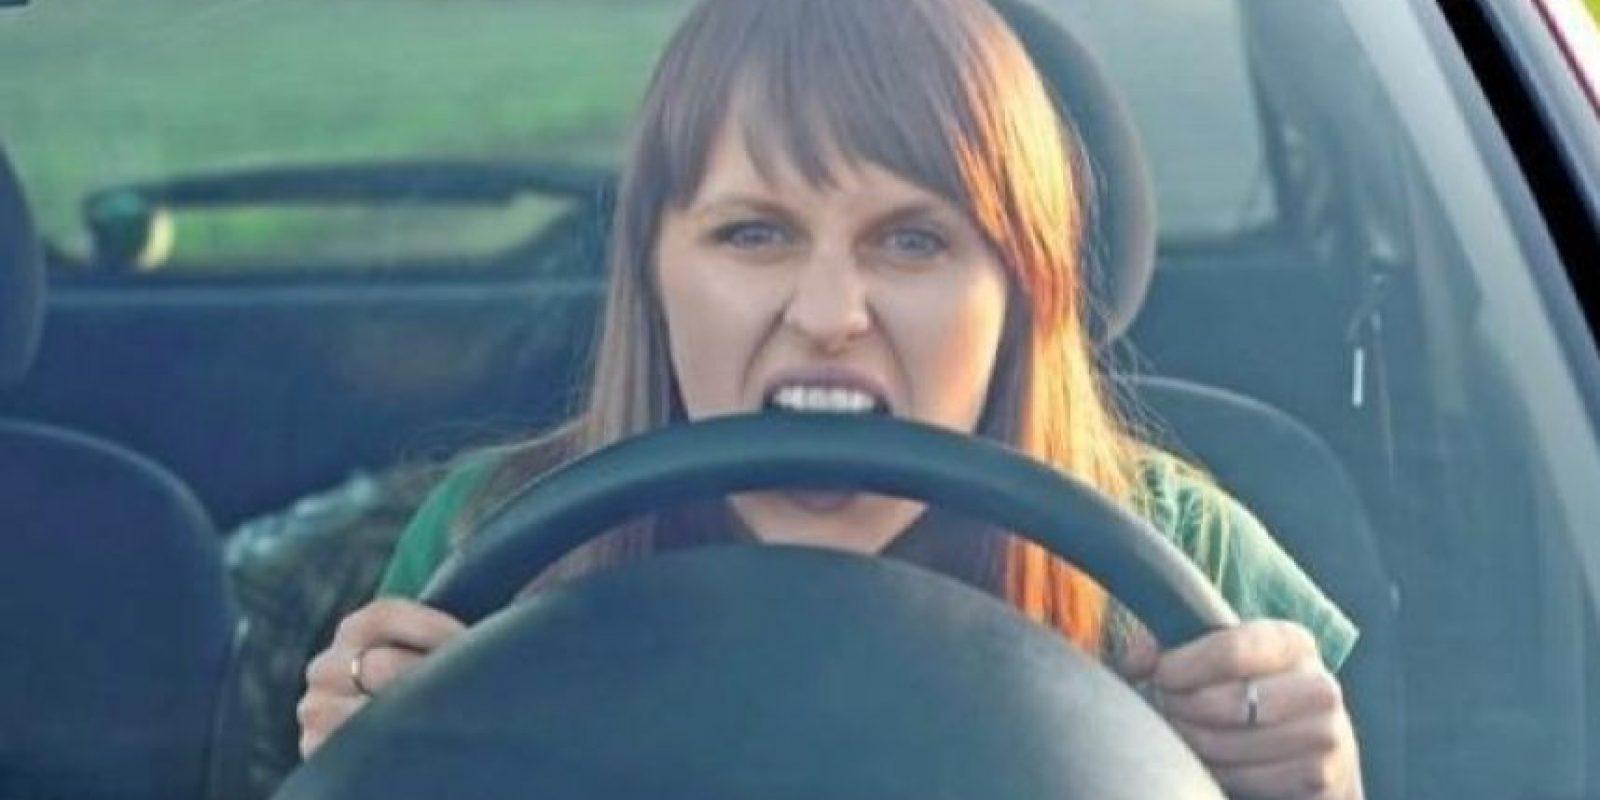 El Grupo de Investigación en Ingeniería de Carreteras (GIIC) en España mencionó que los jóvenes son más impacientes tras permanecer varios minutos detrás de vehículos lentos. Foto:Pinterest